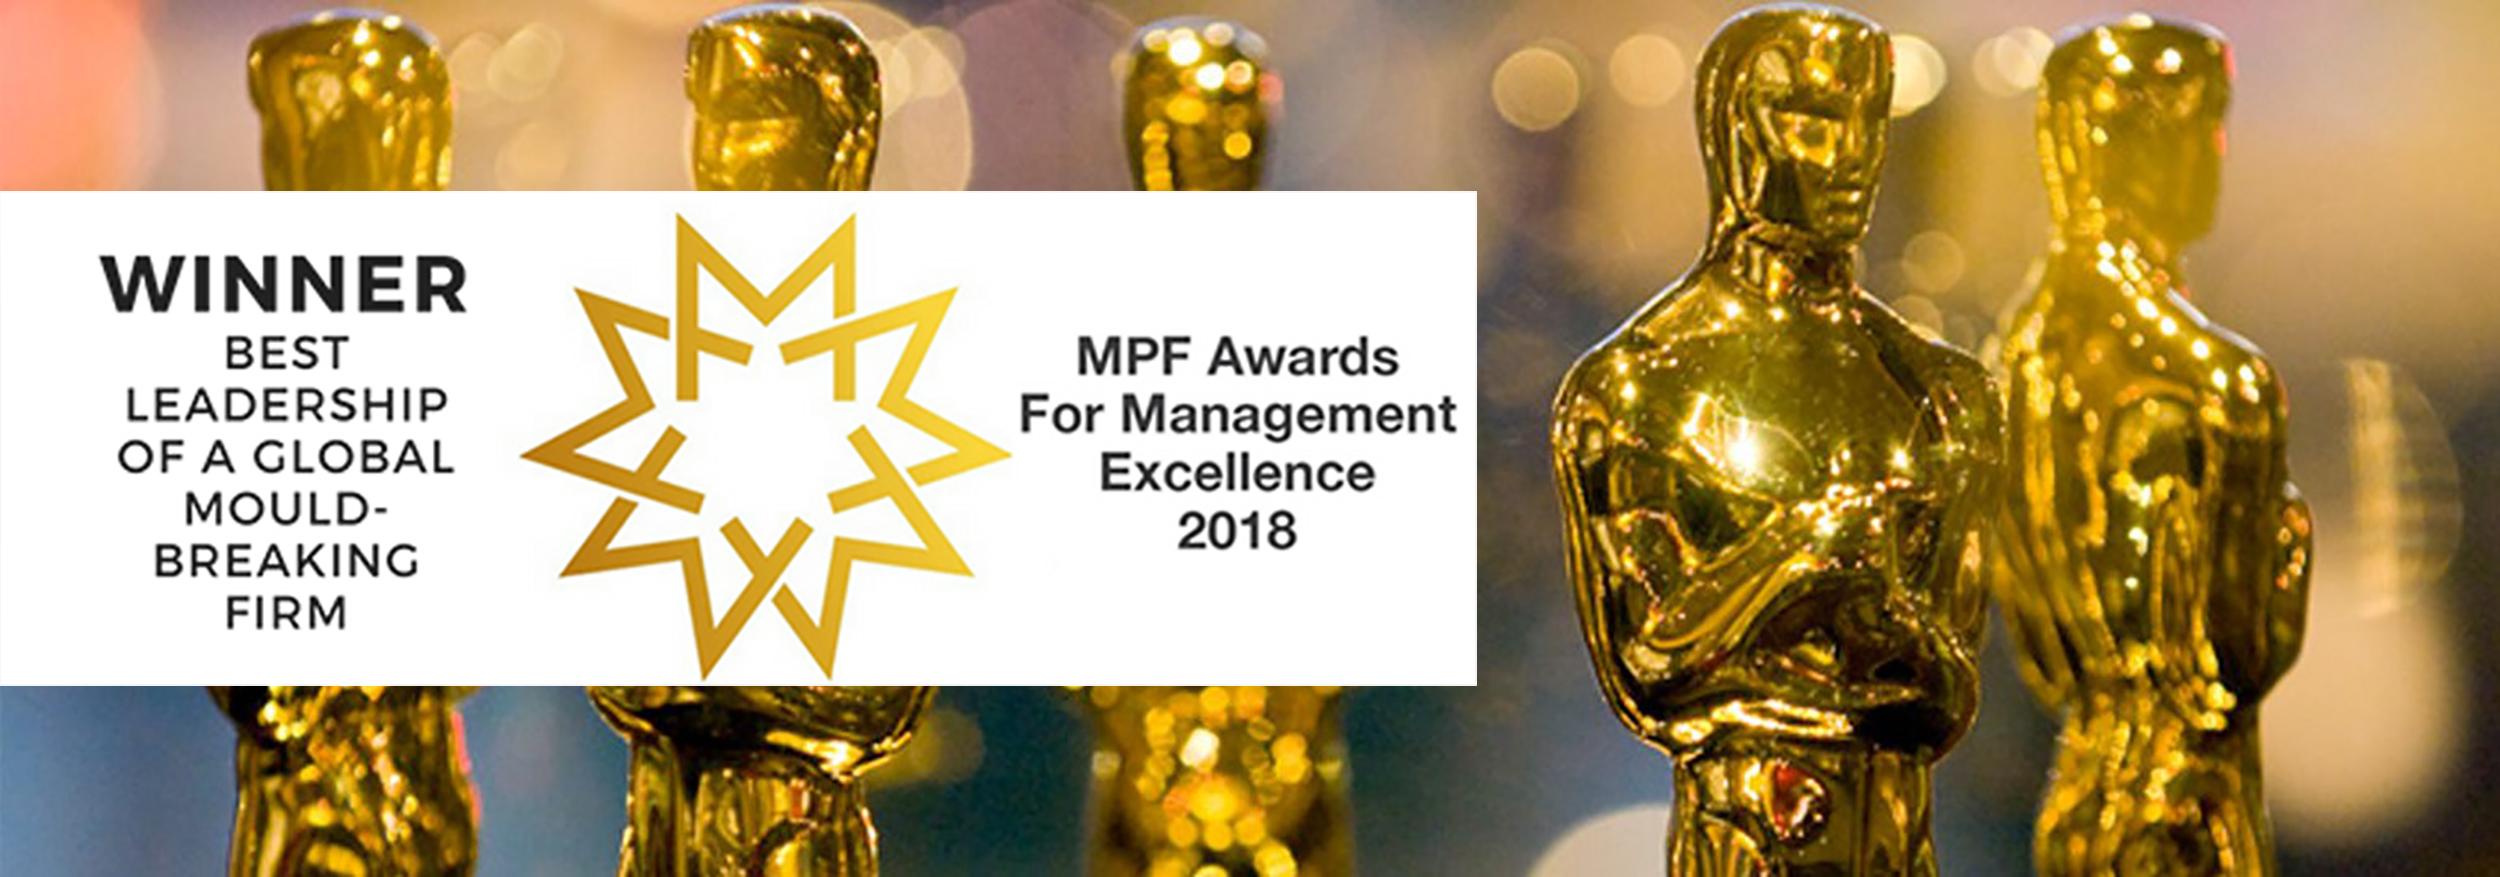 mpf awards 2.jpg